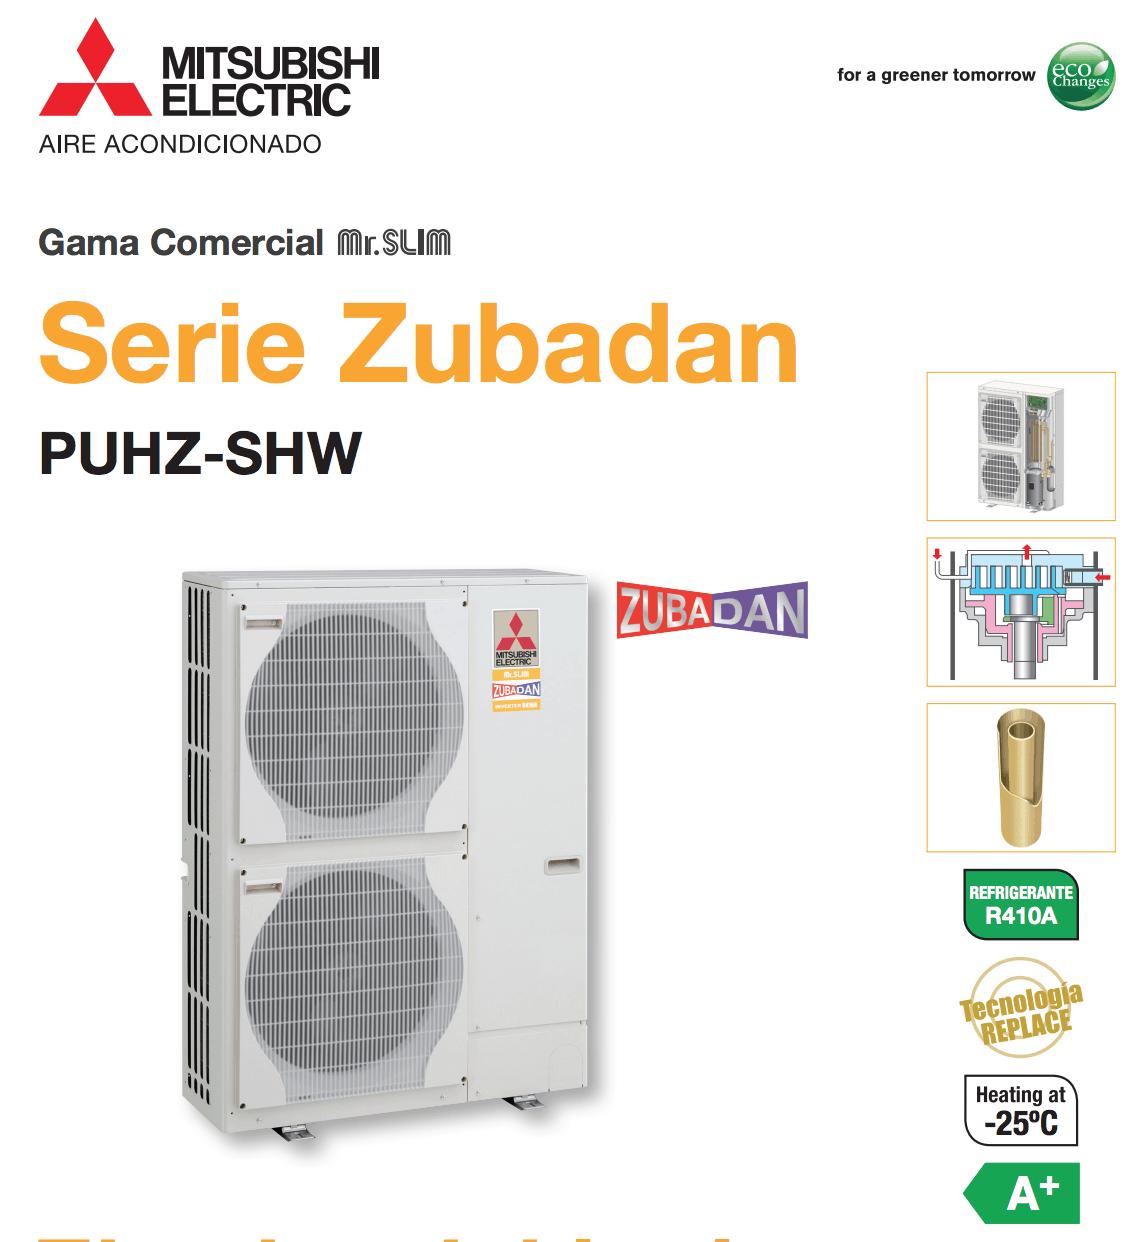 Exteriores Zubadan Mitsubishi Electric Aire Acondicionado